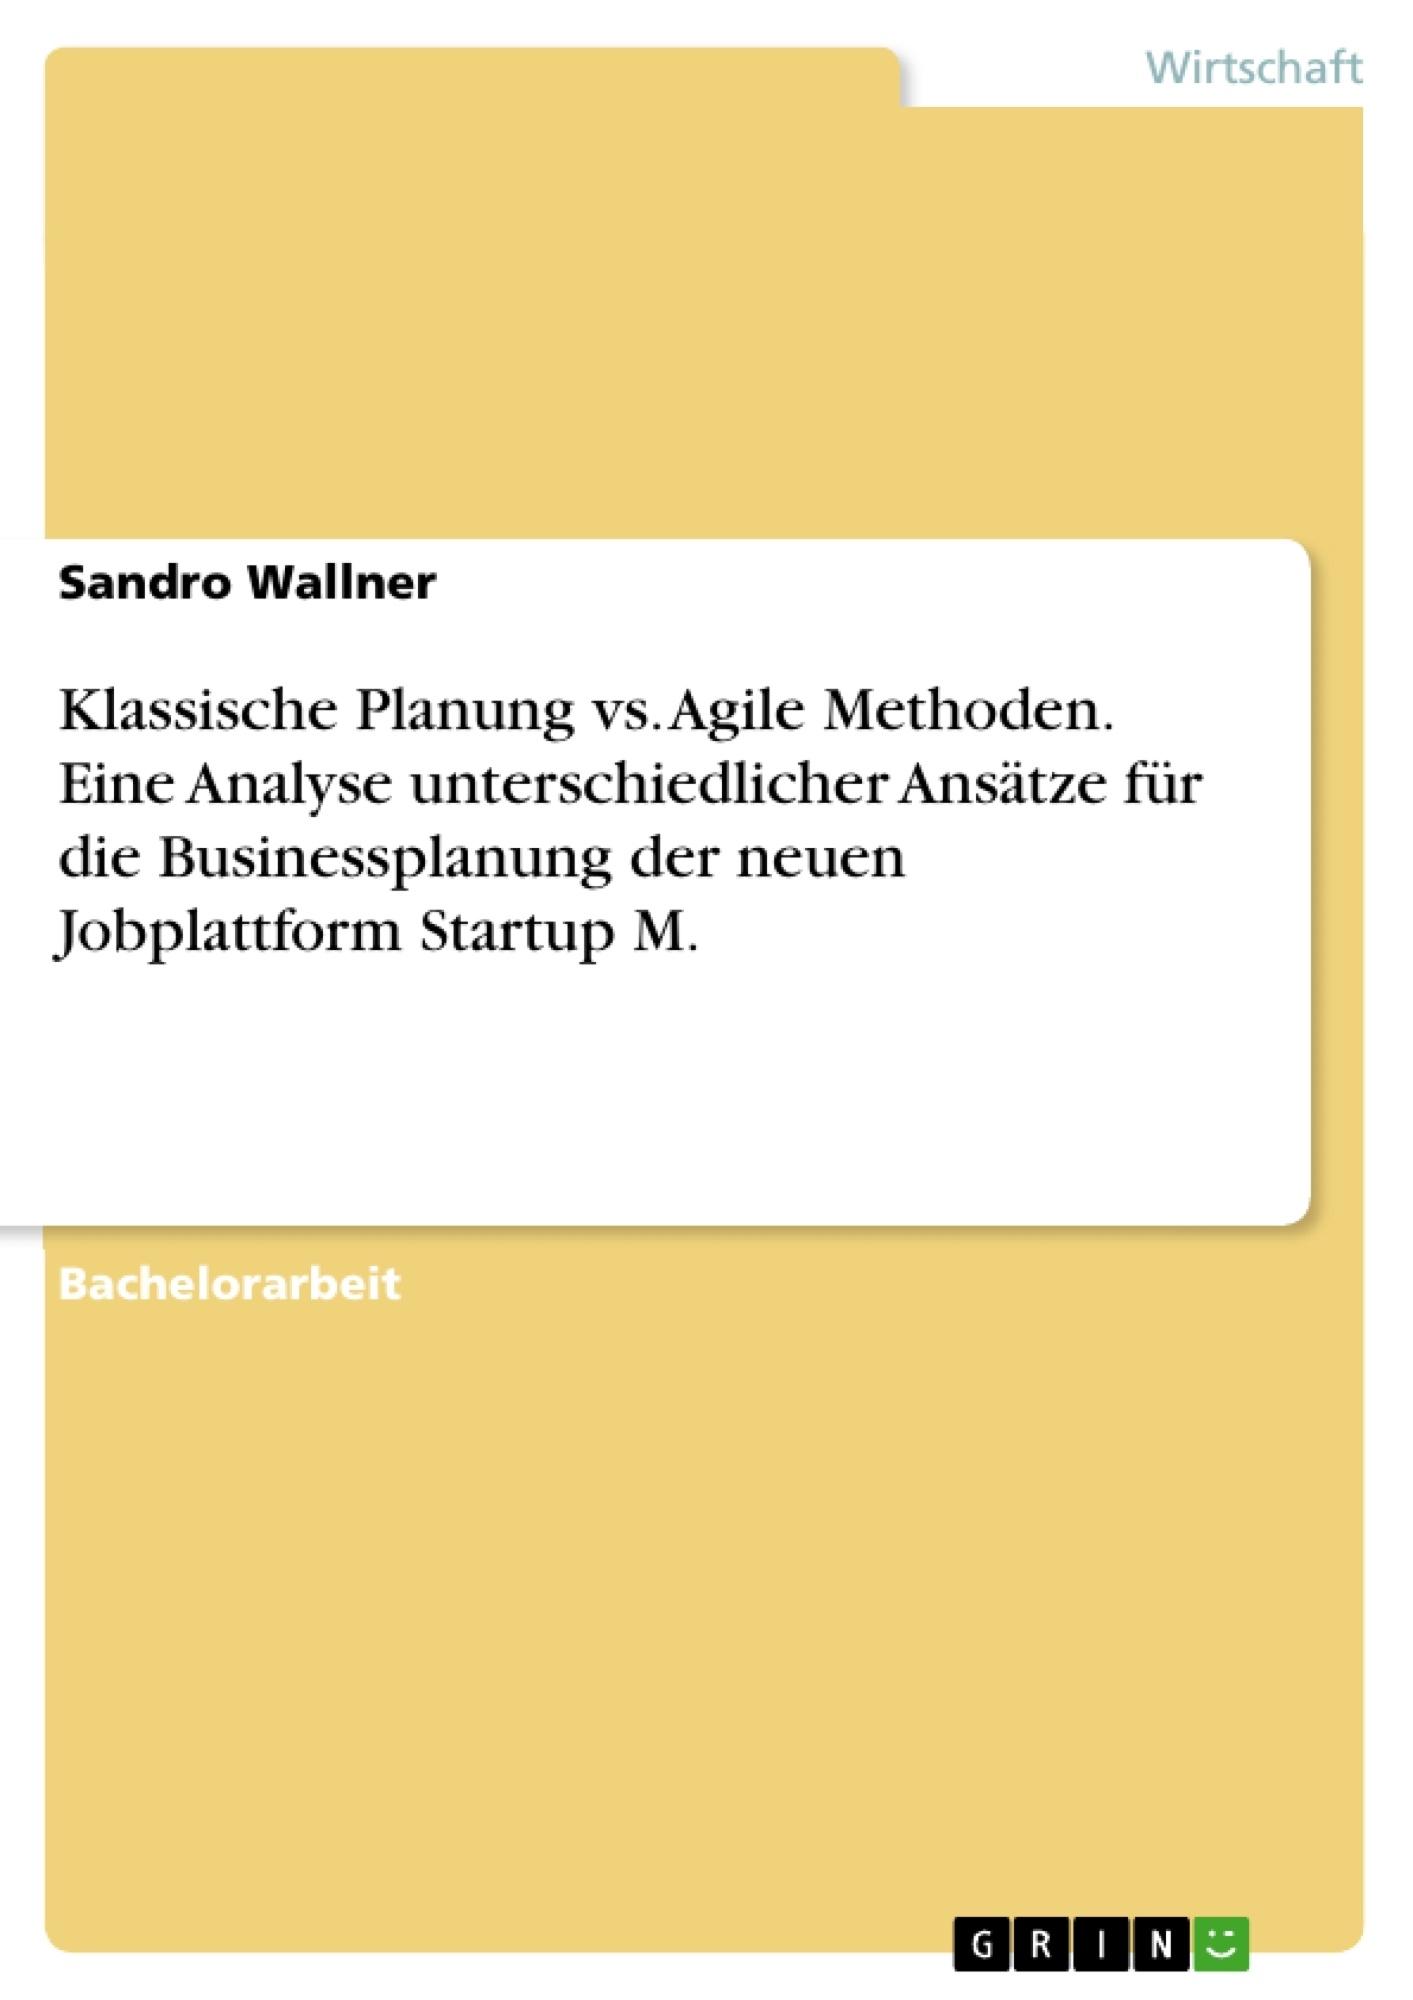 Titel: Klassische Planung vs. Agile Methoden. Eine Analyse unterschiedlicher Ansätze für die Businessplanung der neuen Jobplattform Startup M.